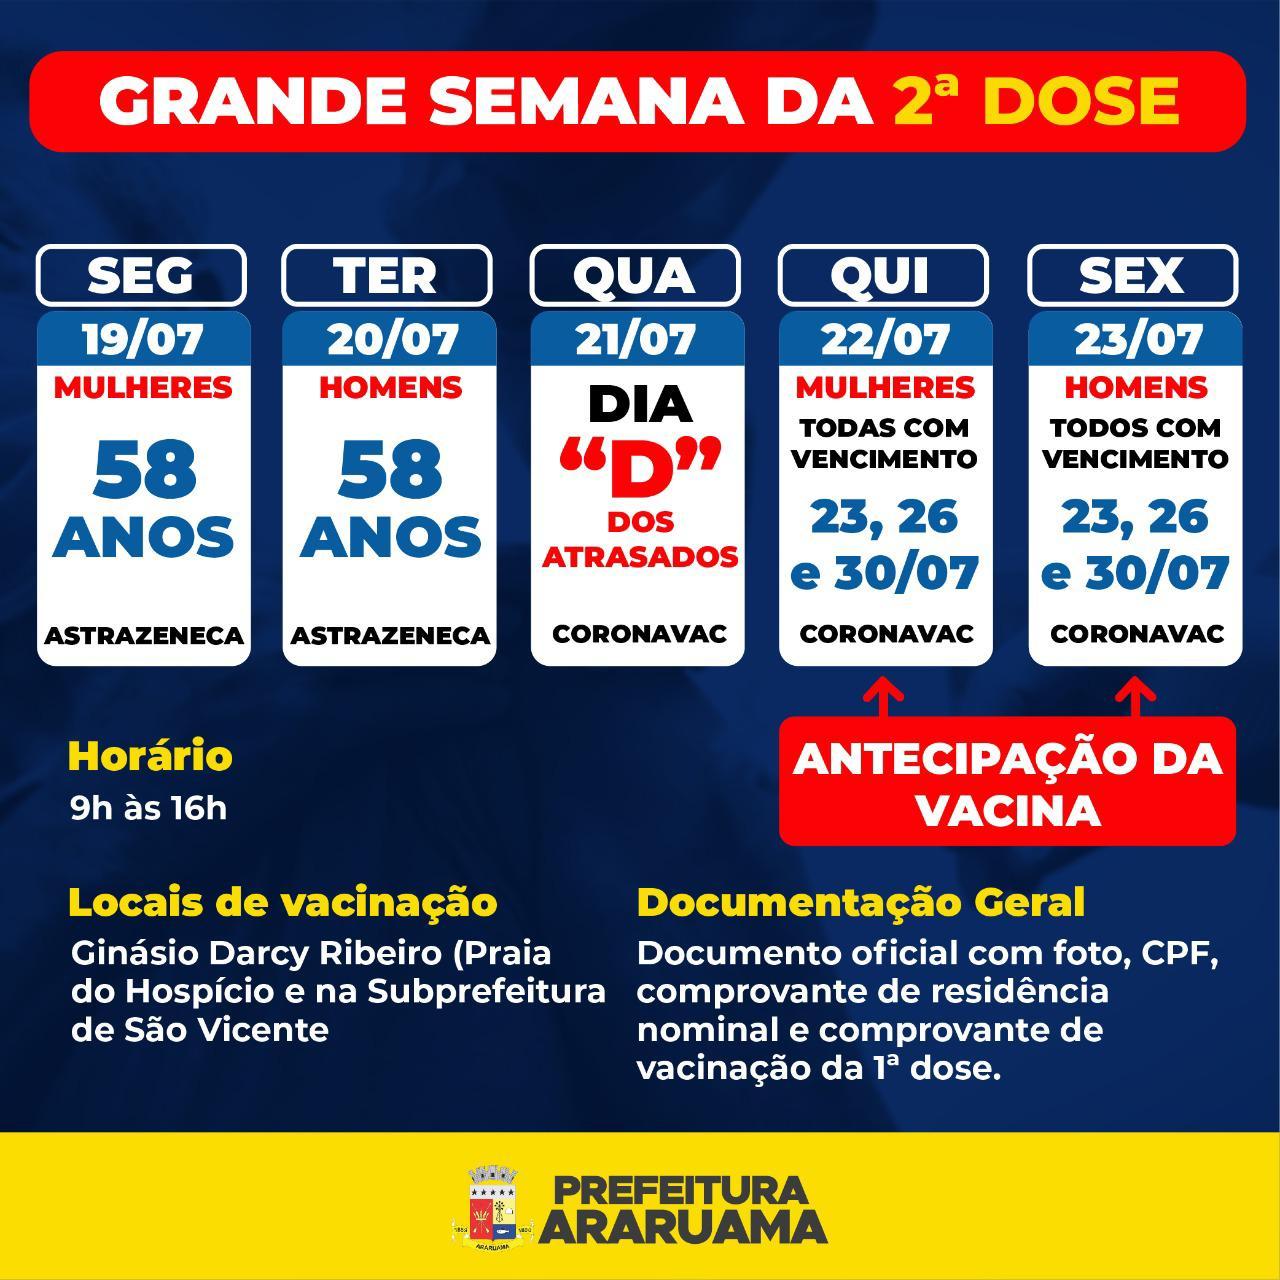 """Prefeitura de Araruama realiza a """"Grande Semana da Segunda Dose contra a Covid-19, com destaque para o Dia D Coronavac atrasados"""""""